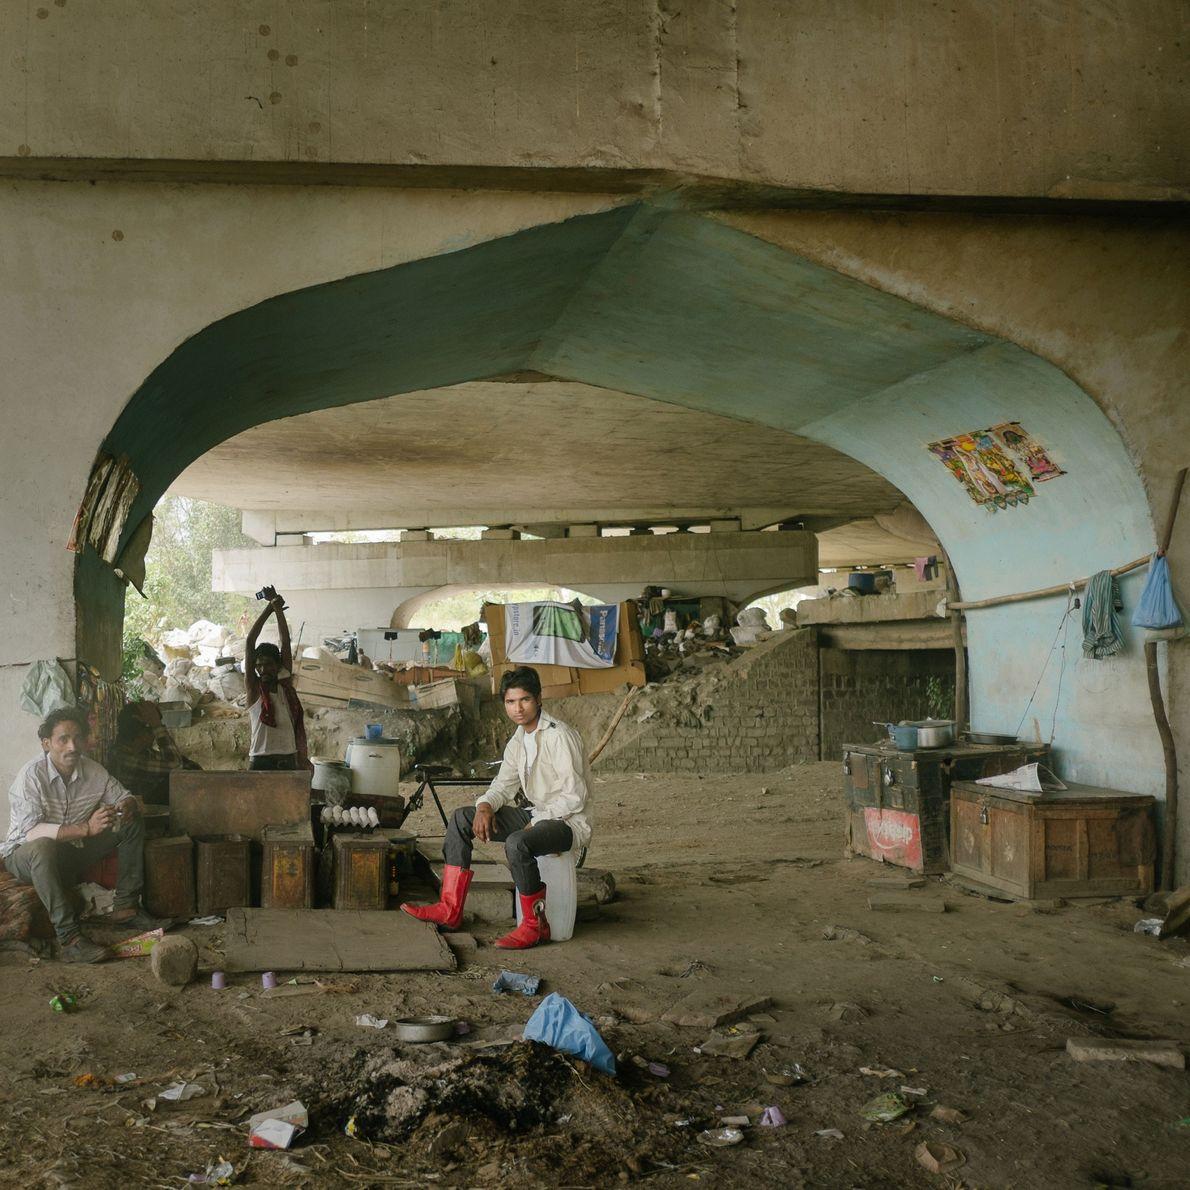 Fotografia de recicladores que habitam debaixo da ponte da estrada Grand Trunk, perto do Rio Yamuna.